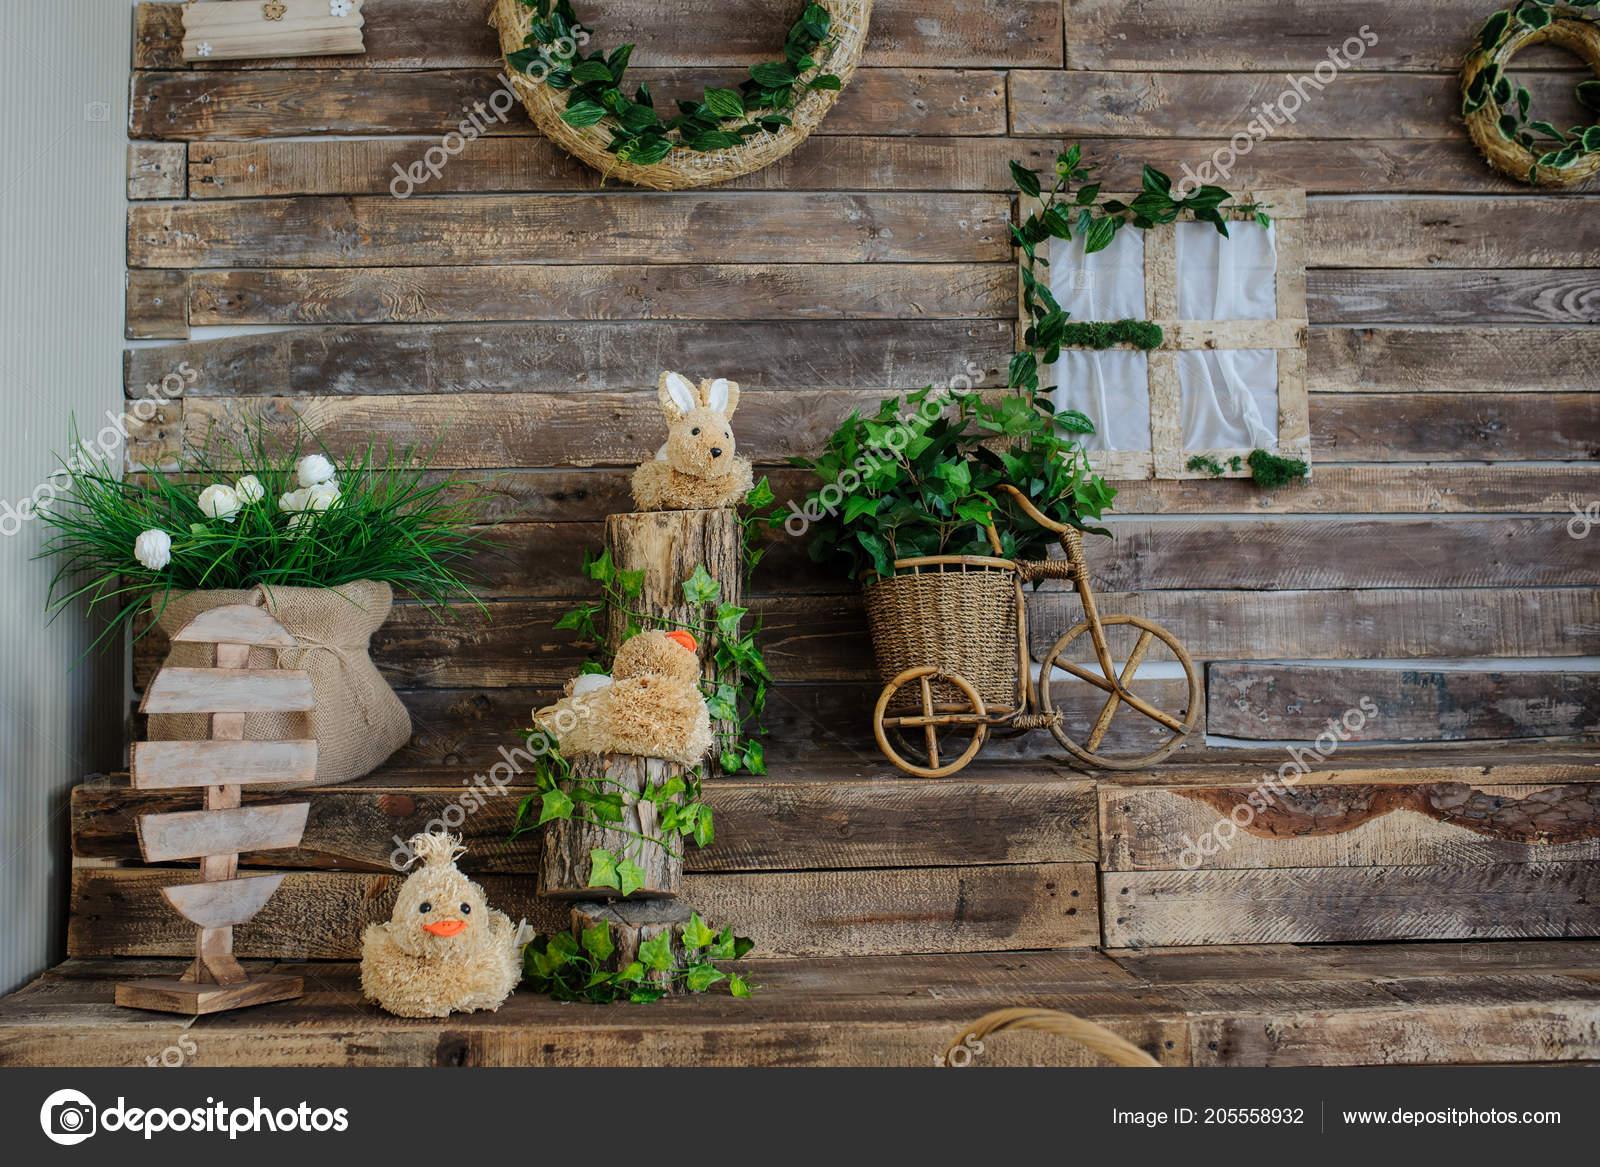 Dekoration Auf Einer Holzwand Mit Treppen Fur Veranstaltungen